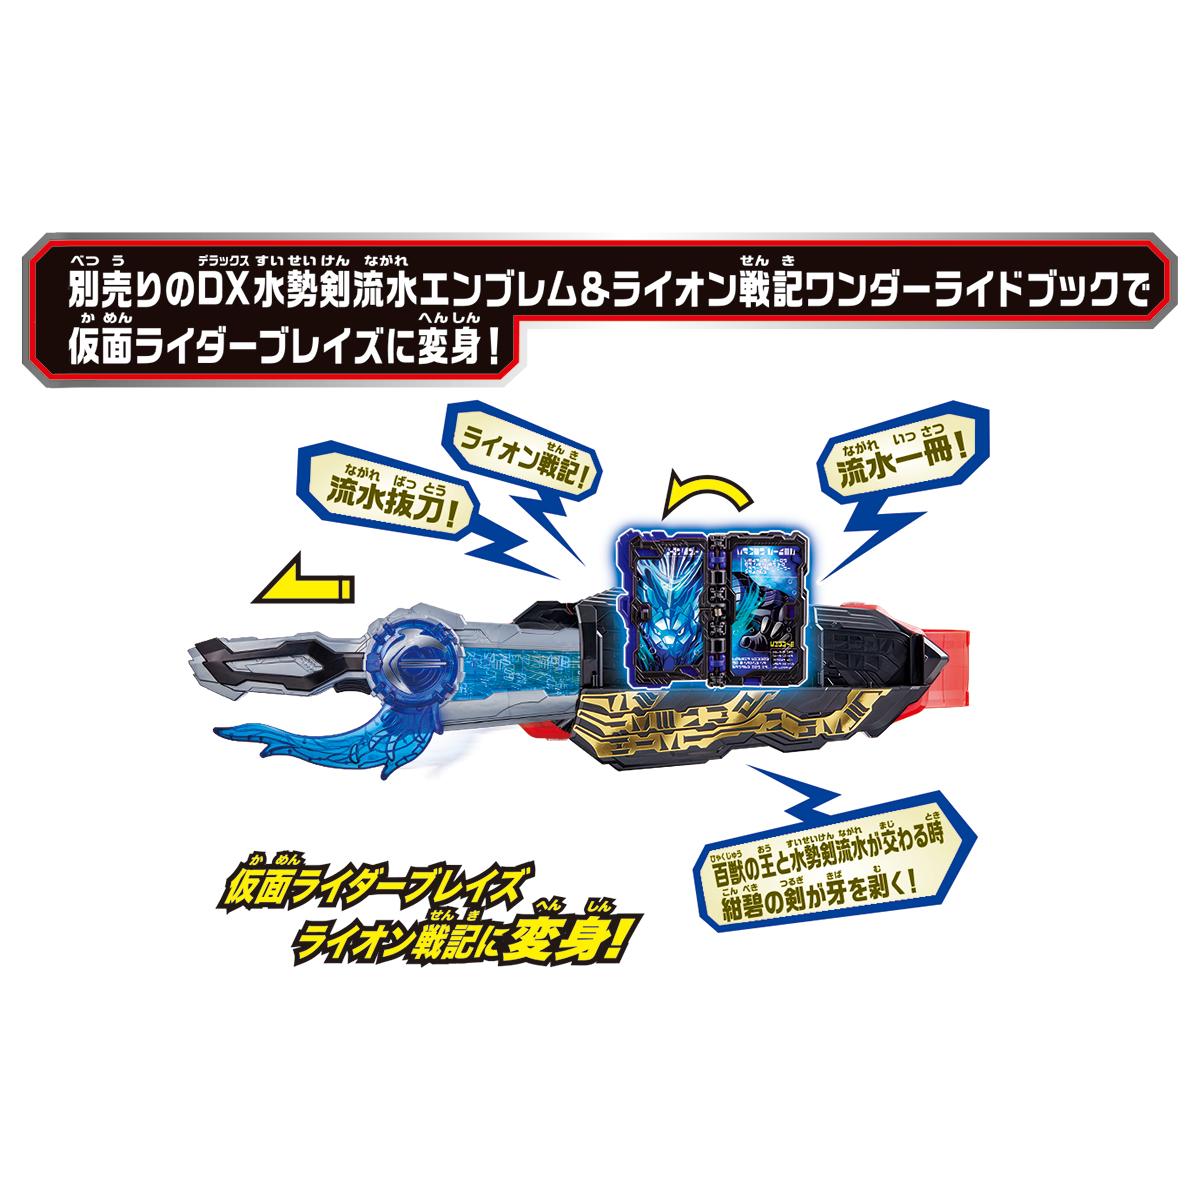 変身ベルト『DX聖剣ソードライバー』仮面ライダーセイバー 変身なりきり-009